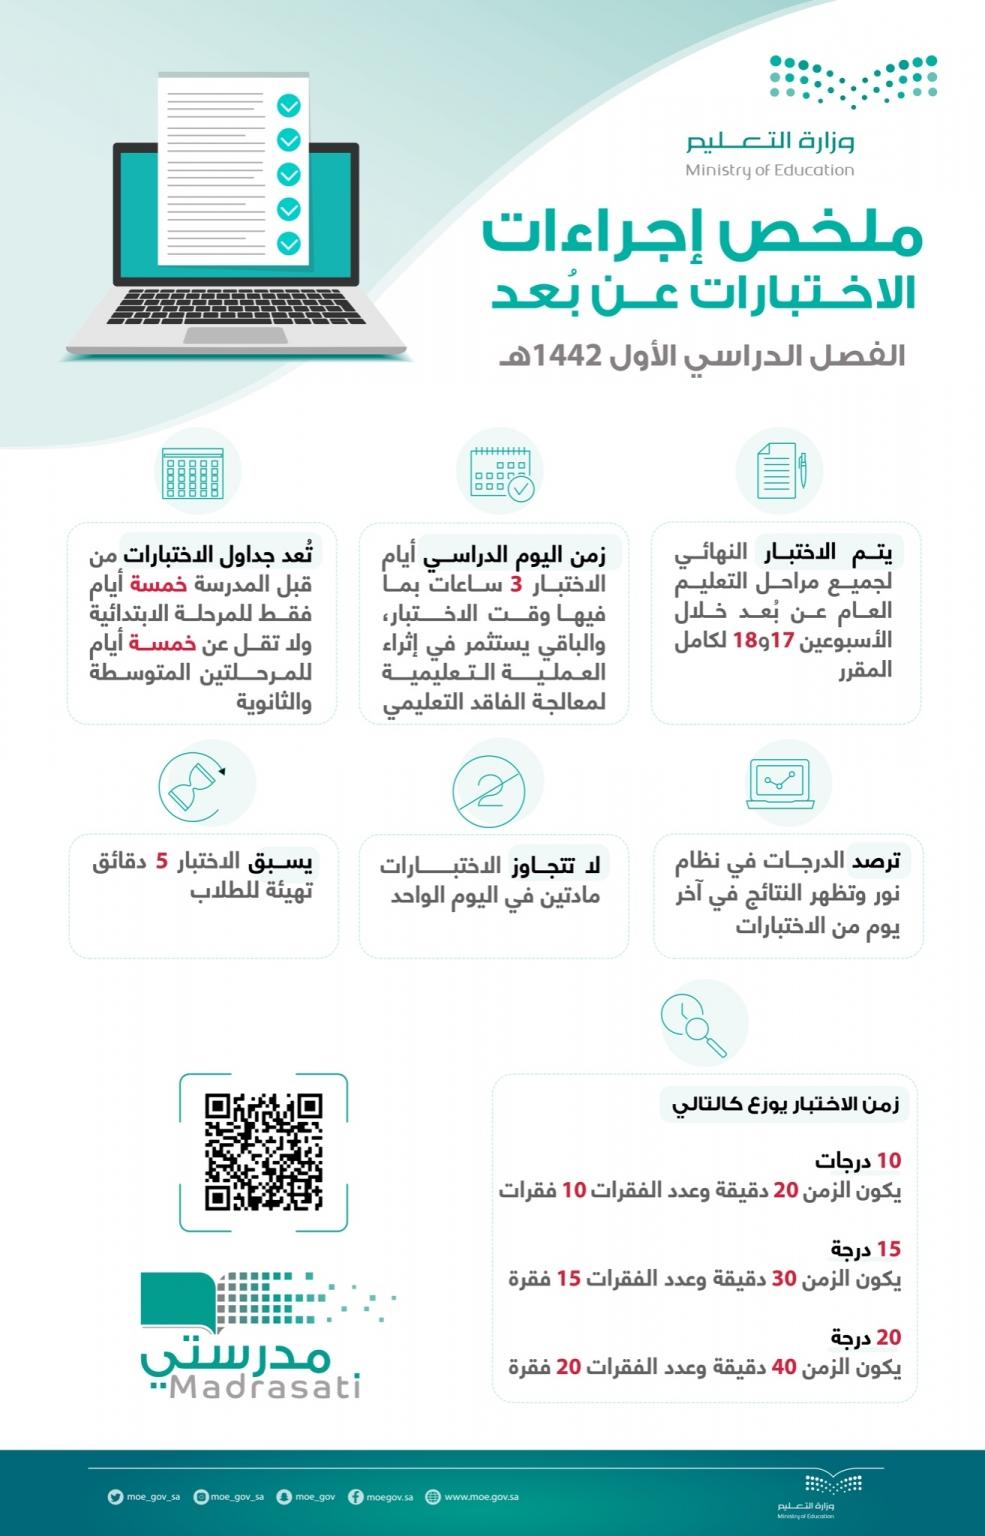 التعليم السعودي: ملخص لإجراءات الاختبارات عن بُعد للفصل الدراسي الأول 2